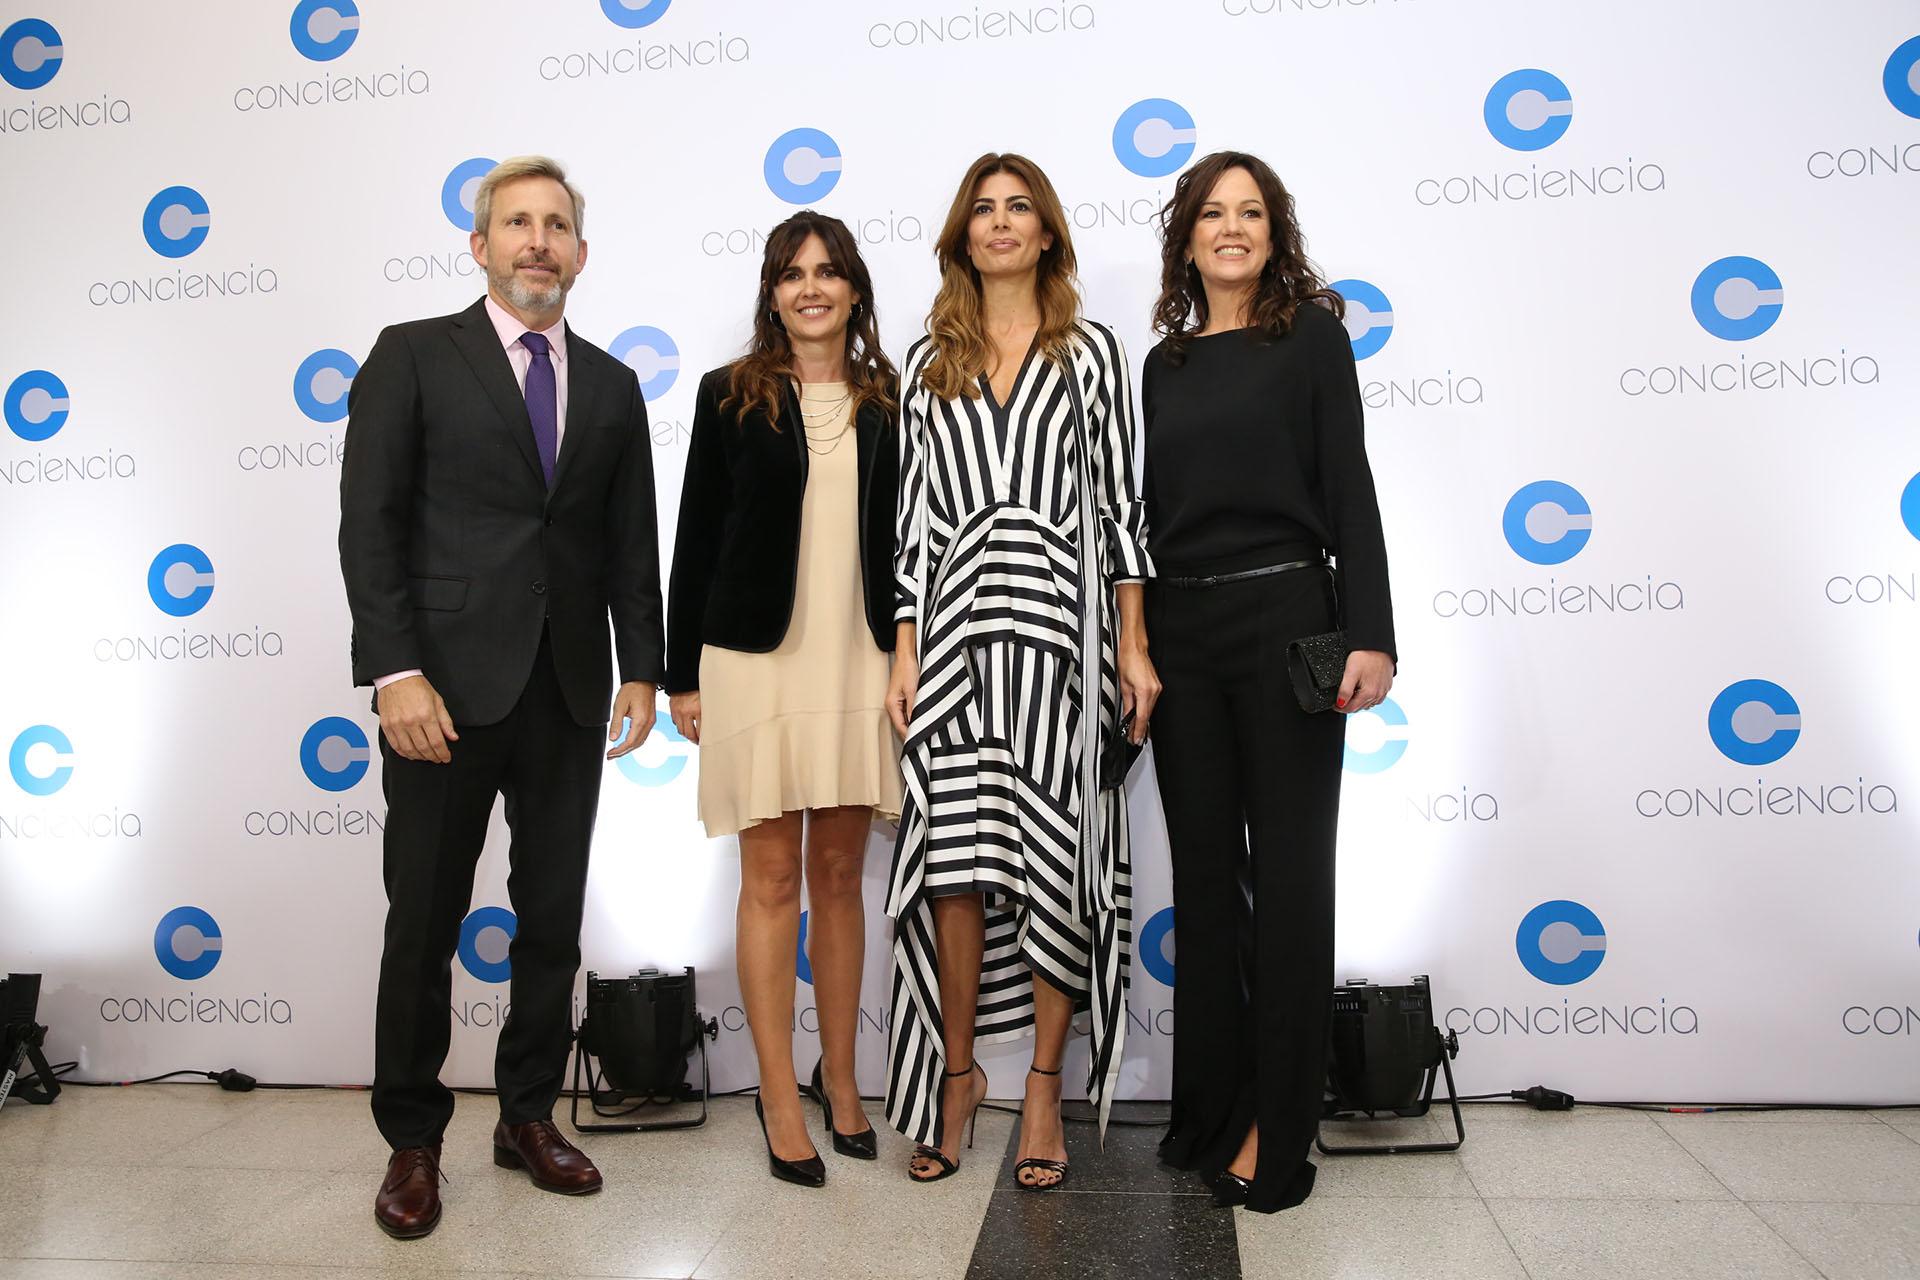 Rogelio Frigerio, Beby Lacroze, Juliana Awada y Carolina Stanley